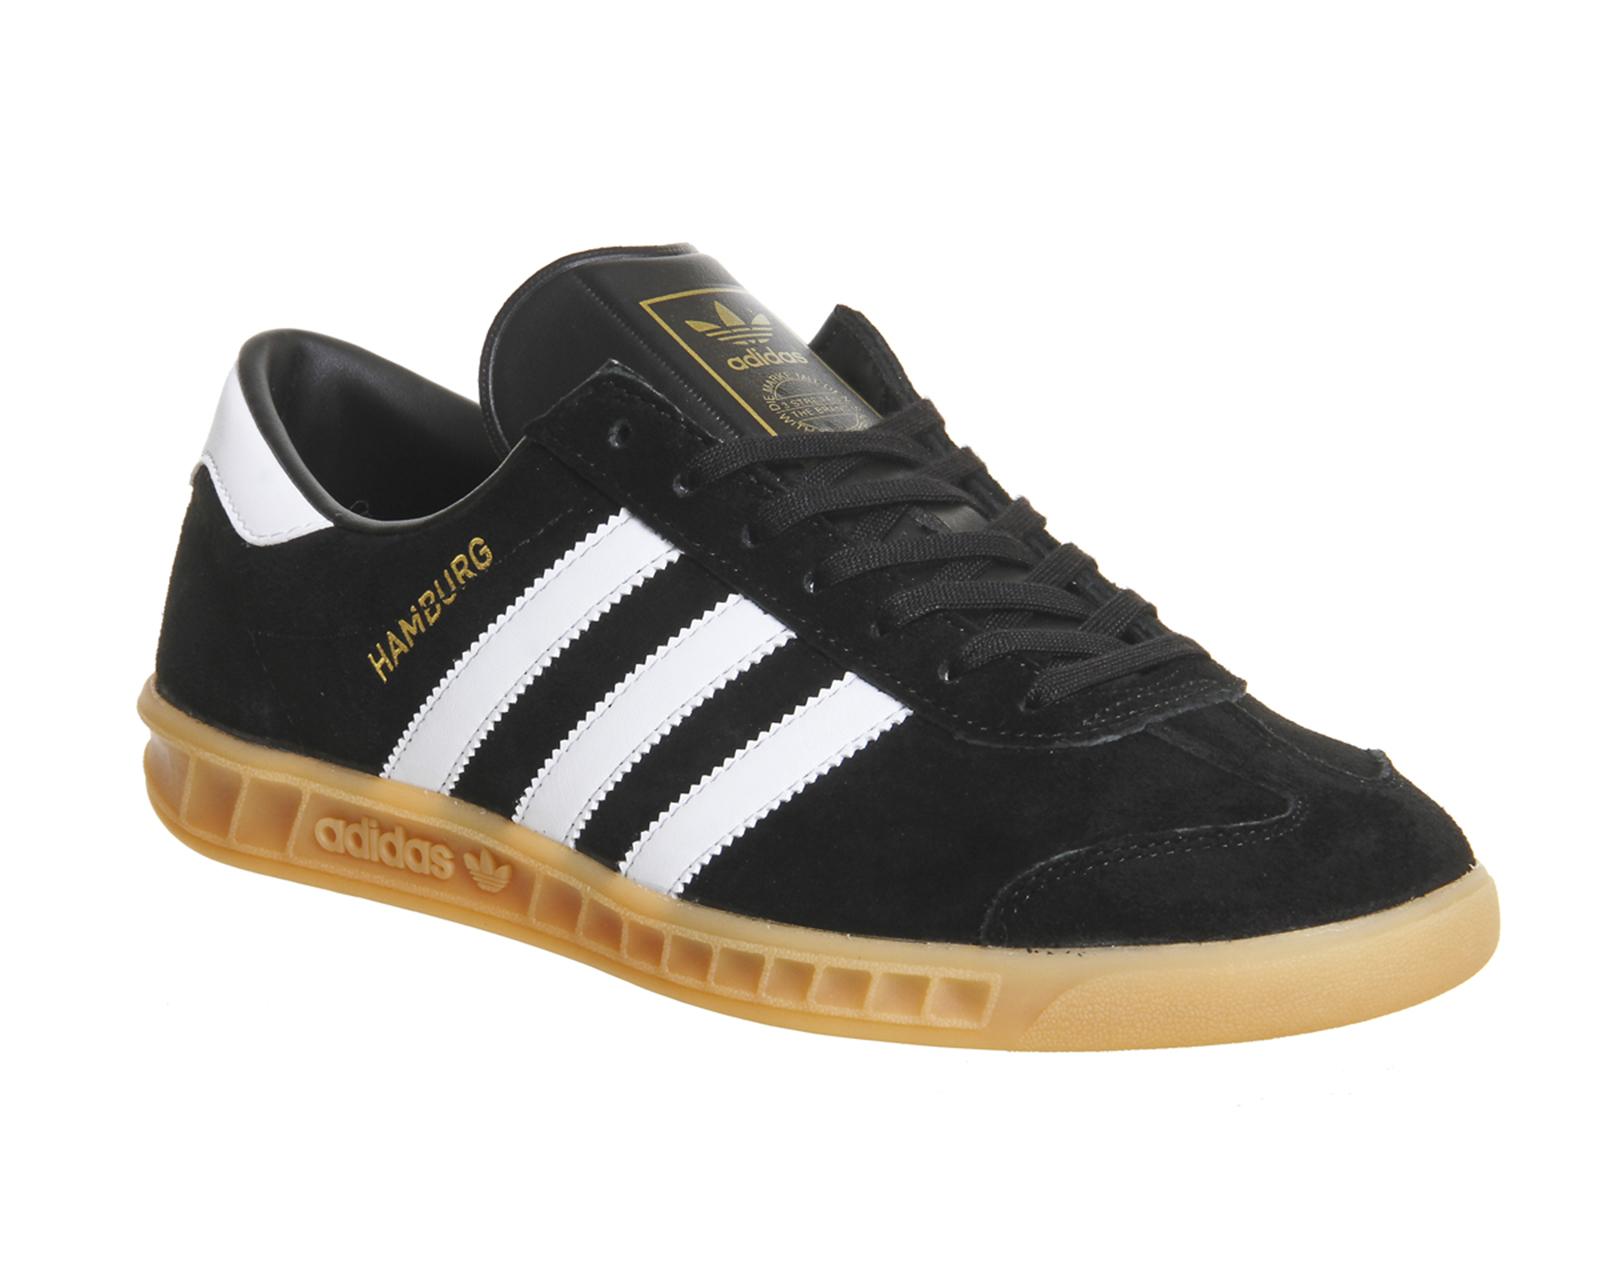 Puma Skate Shoes Uk